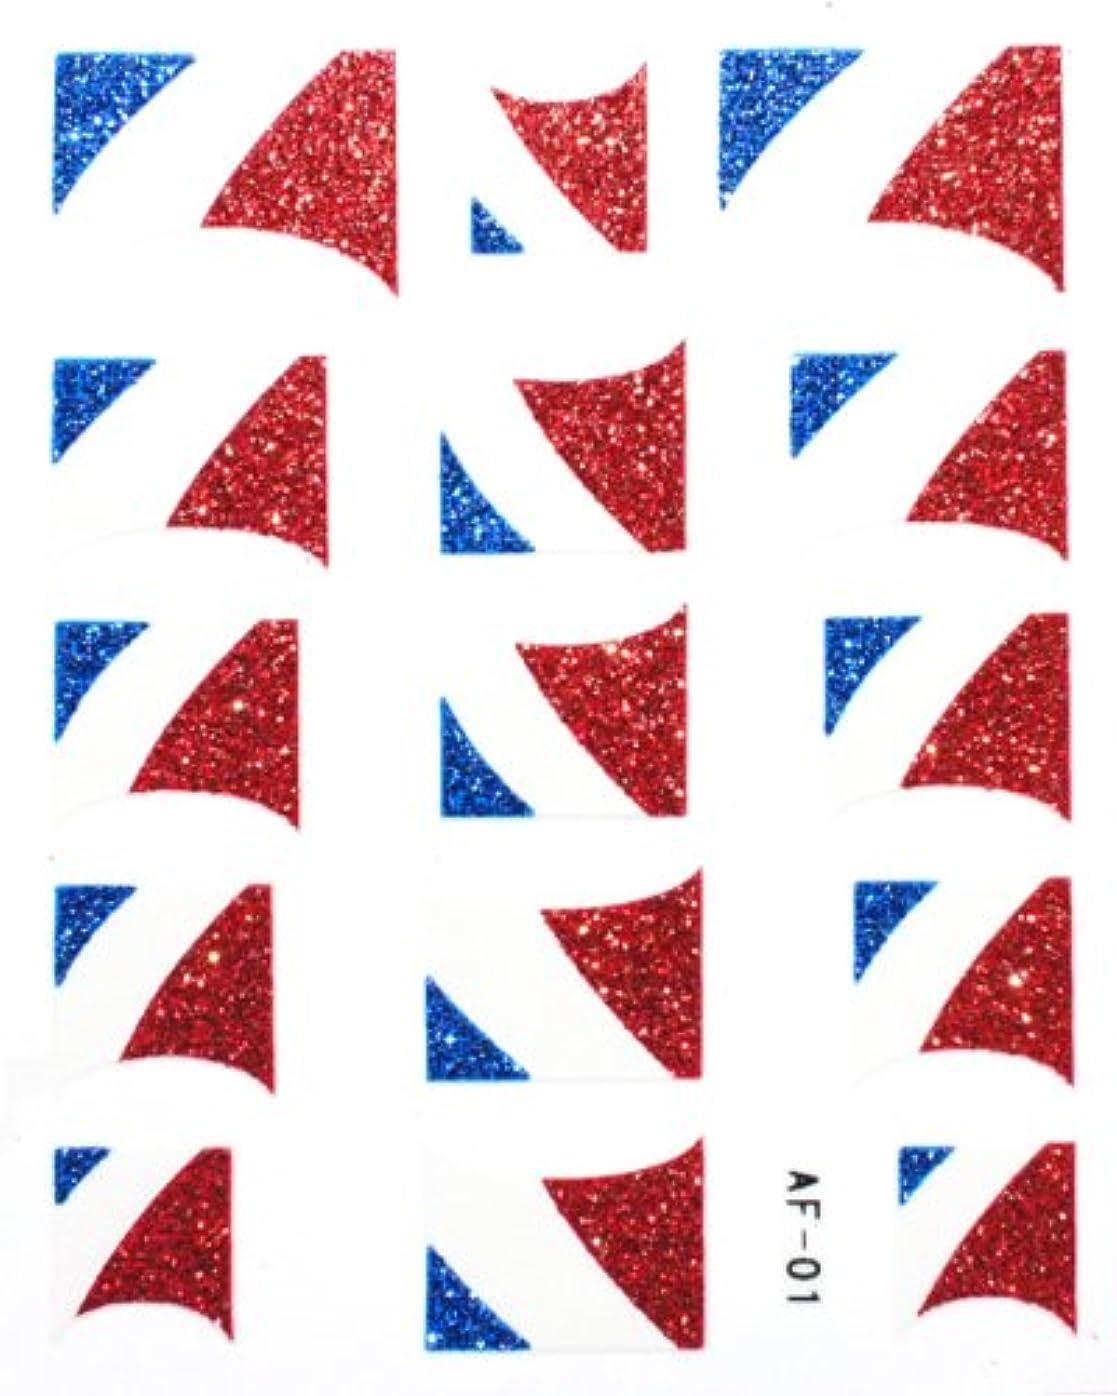 ポータル損傷かけがえのないきらきら逆フレンチネイルシール フランス国旗 AF01 貼るだけ ジェルネイルアート